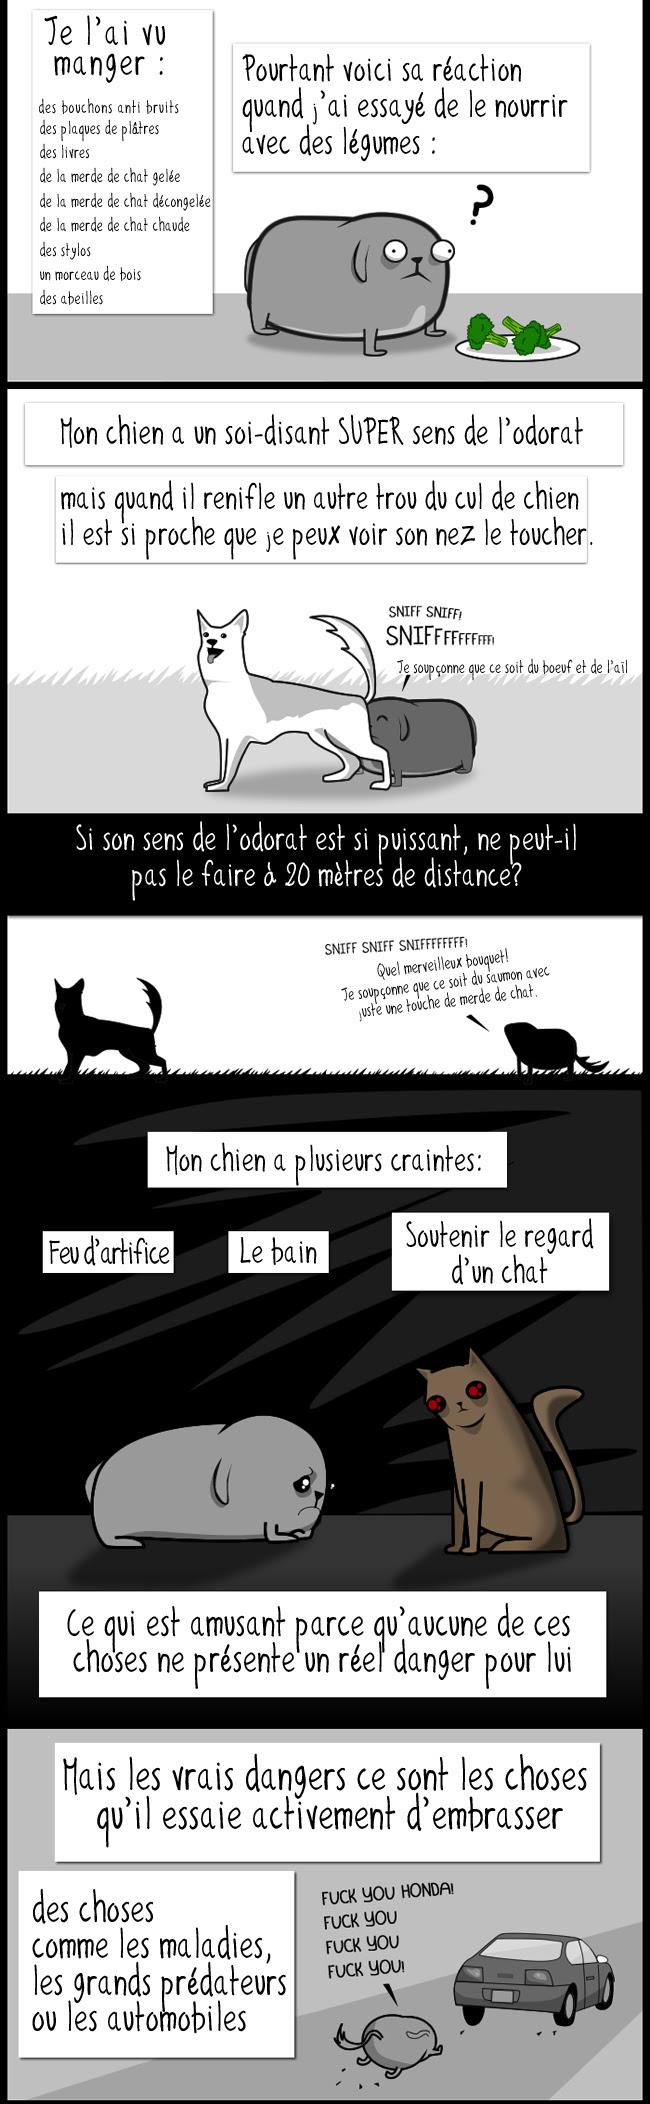 Mon chien: le paradox